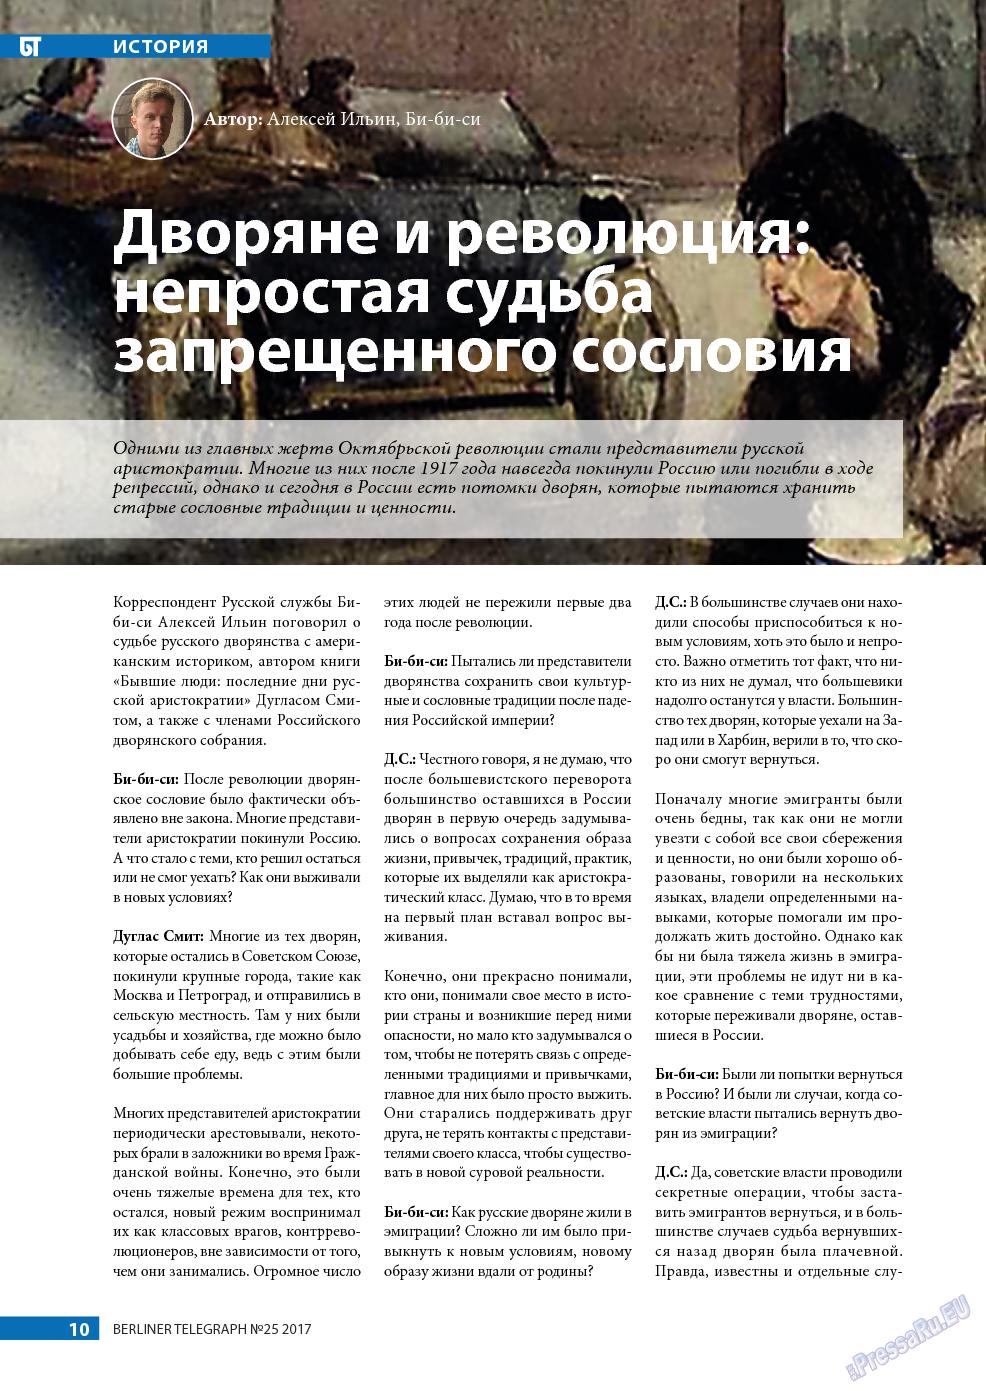 Берлинский телеграф (журнал). 2017 год, номер 25, стр. 10